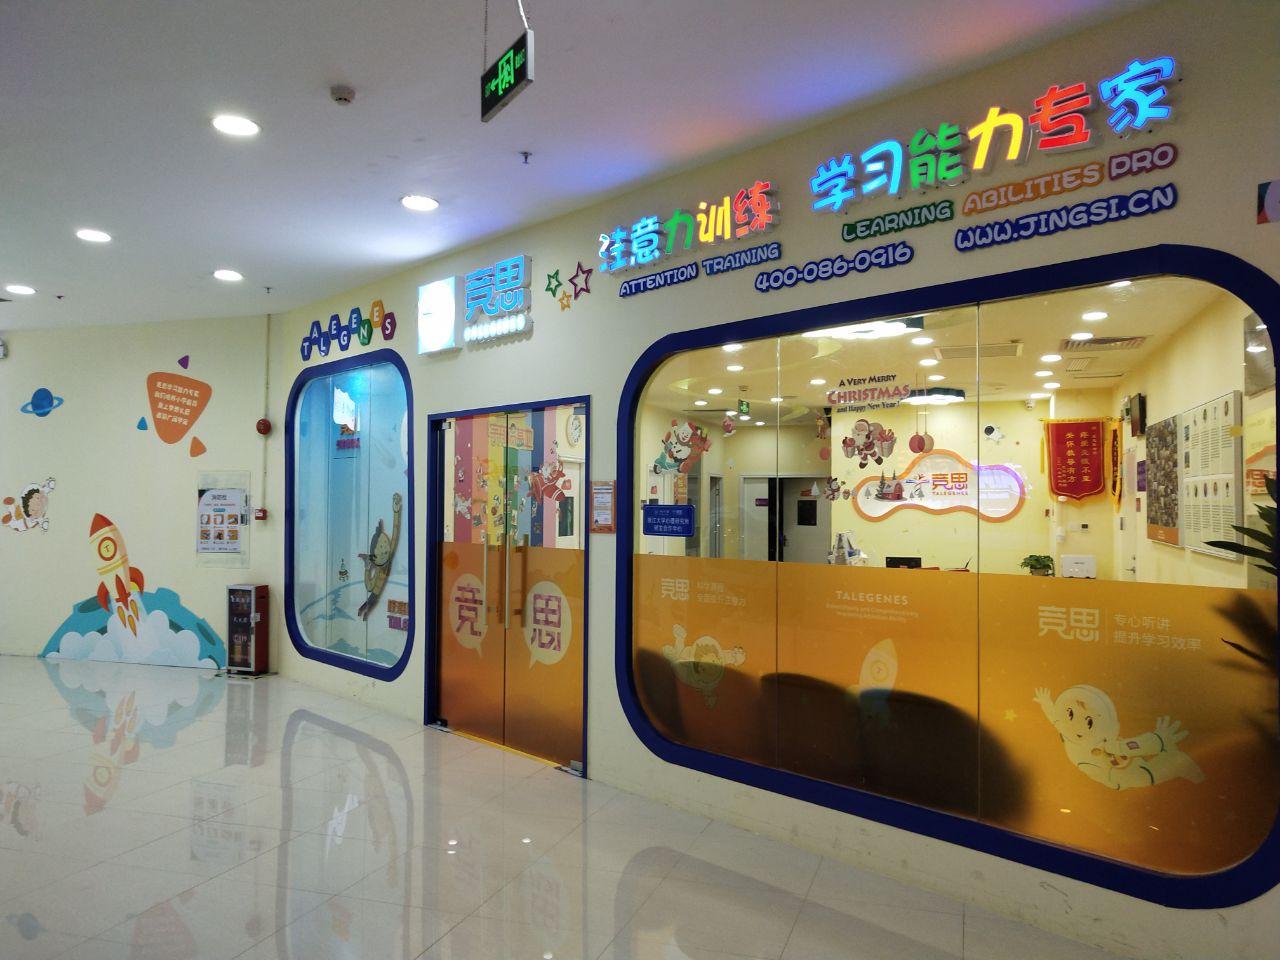 广州竞思注意力训练珠江新城中心